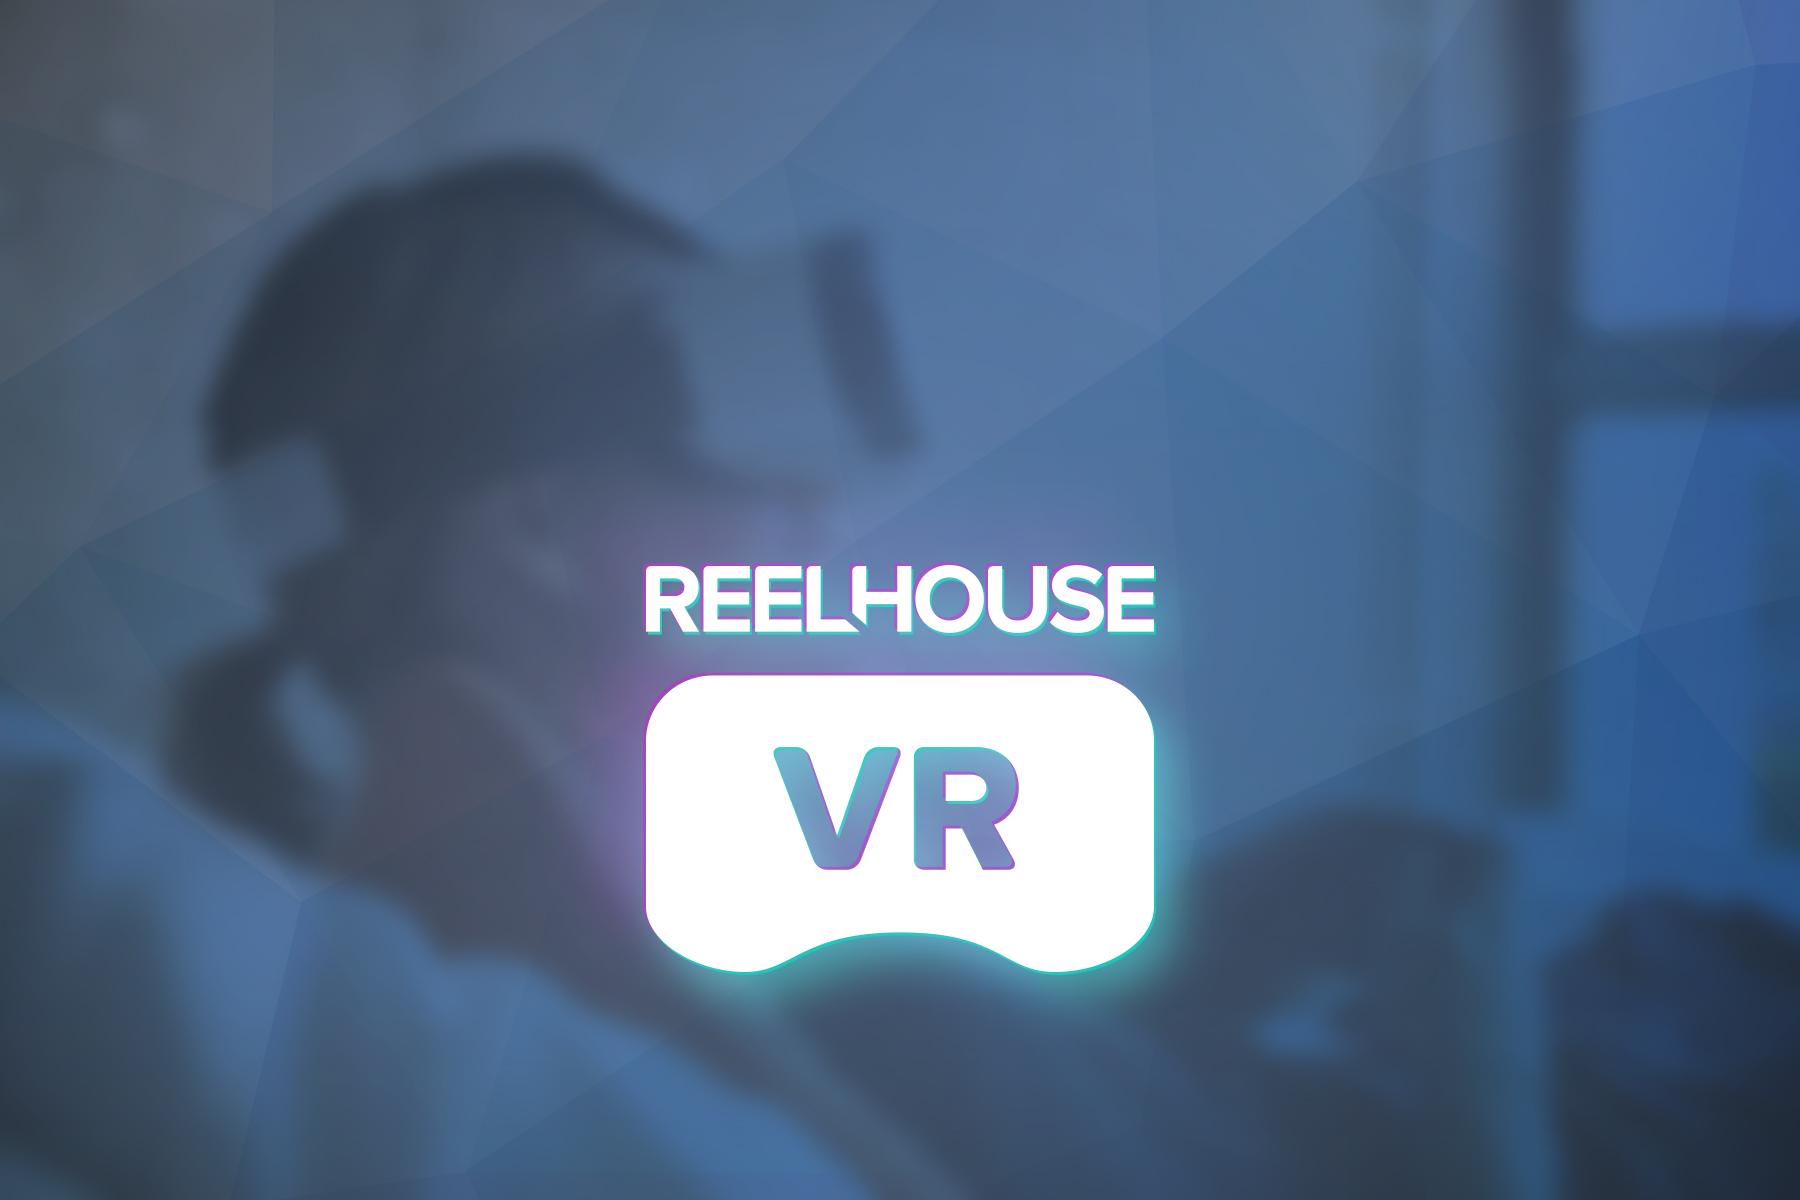 Reelhouse